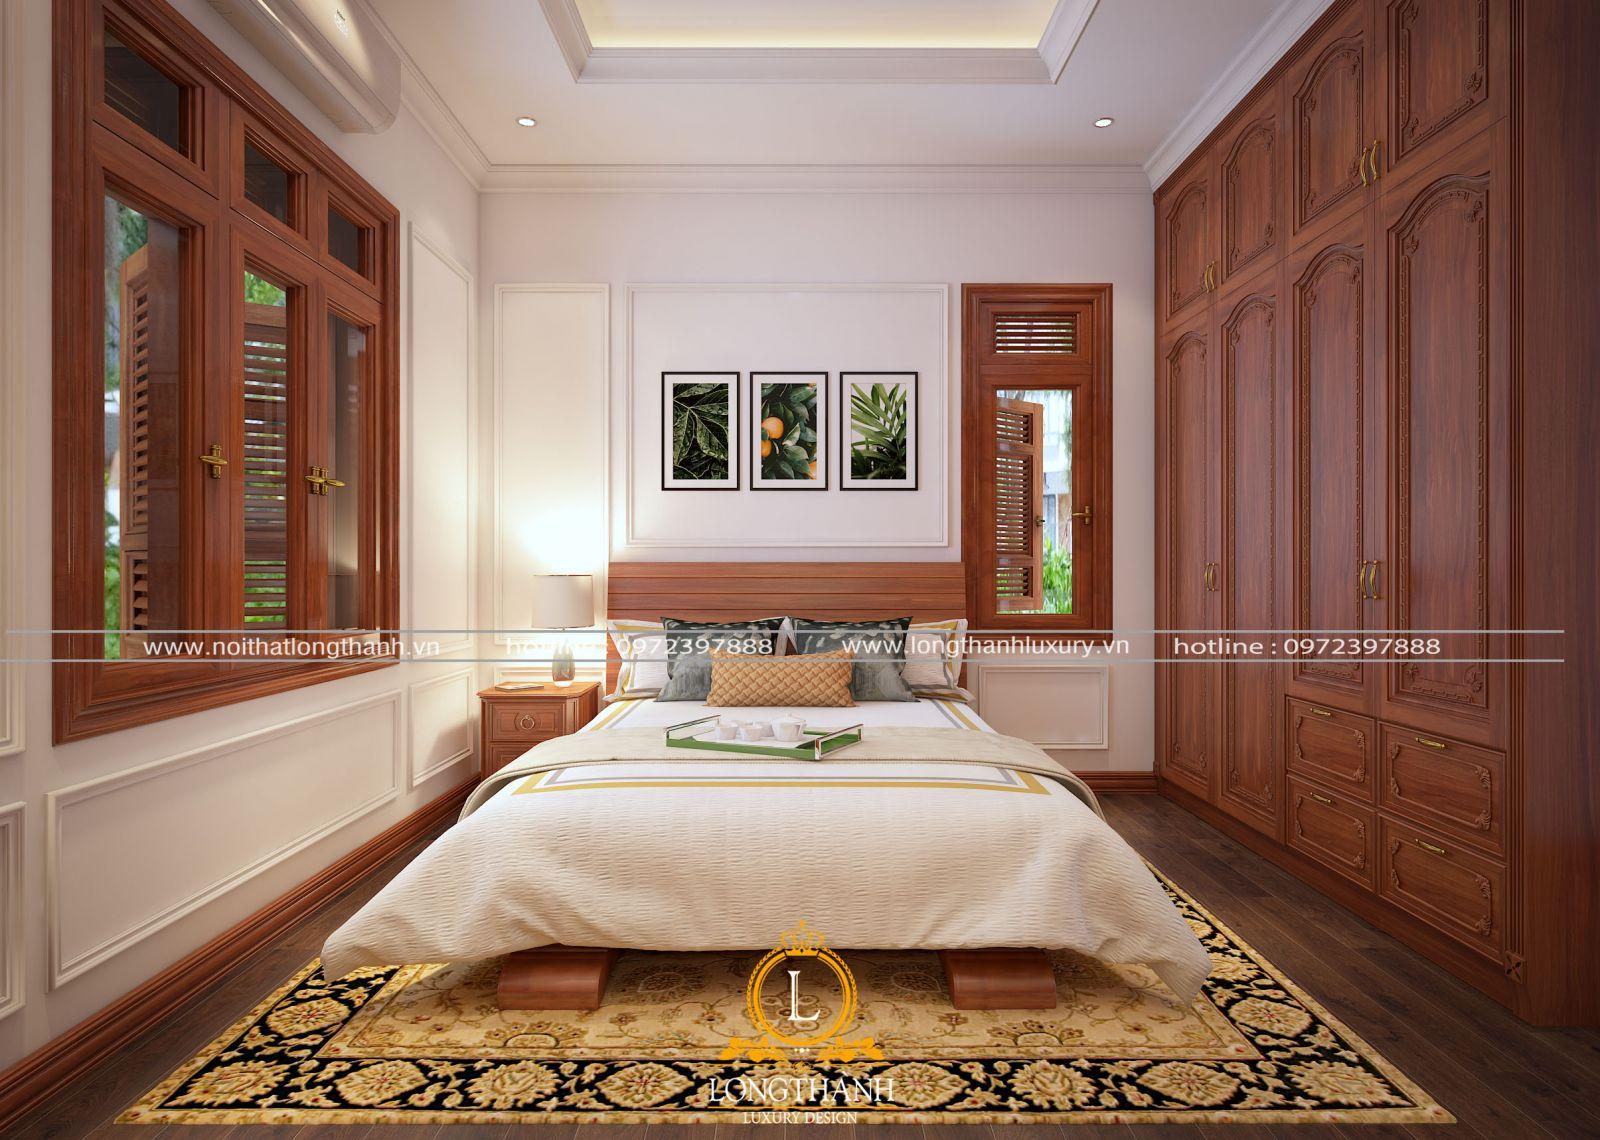 Mẫu thiết kế nội thất phòng ngủ hiện đại chi biệt thự song lập